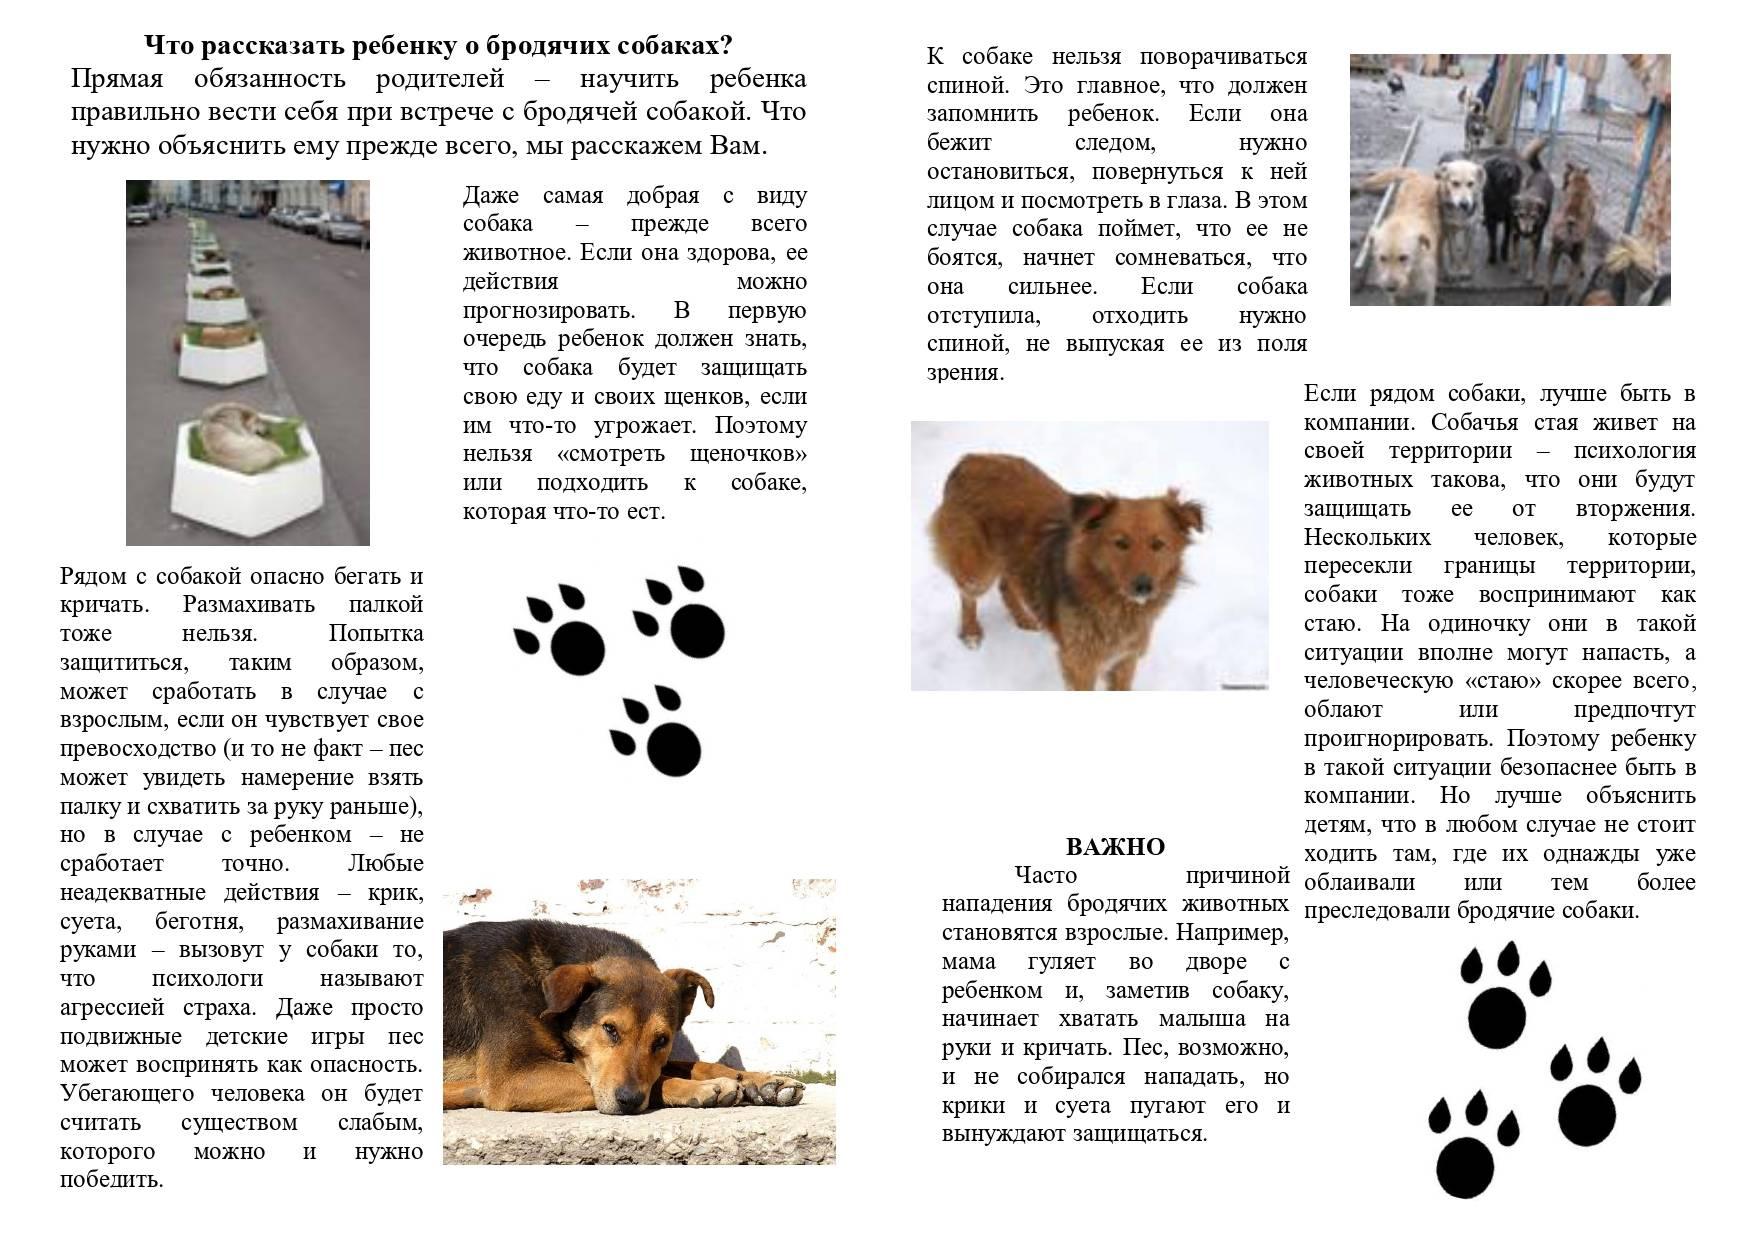 Как действовать при нападении собак: самые опасные породы собак, причины нападения, самооборона, как использовать подручные средства.